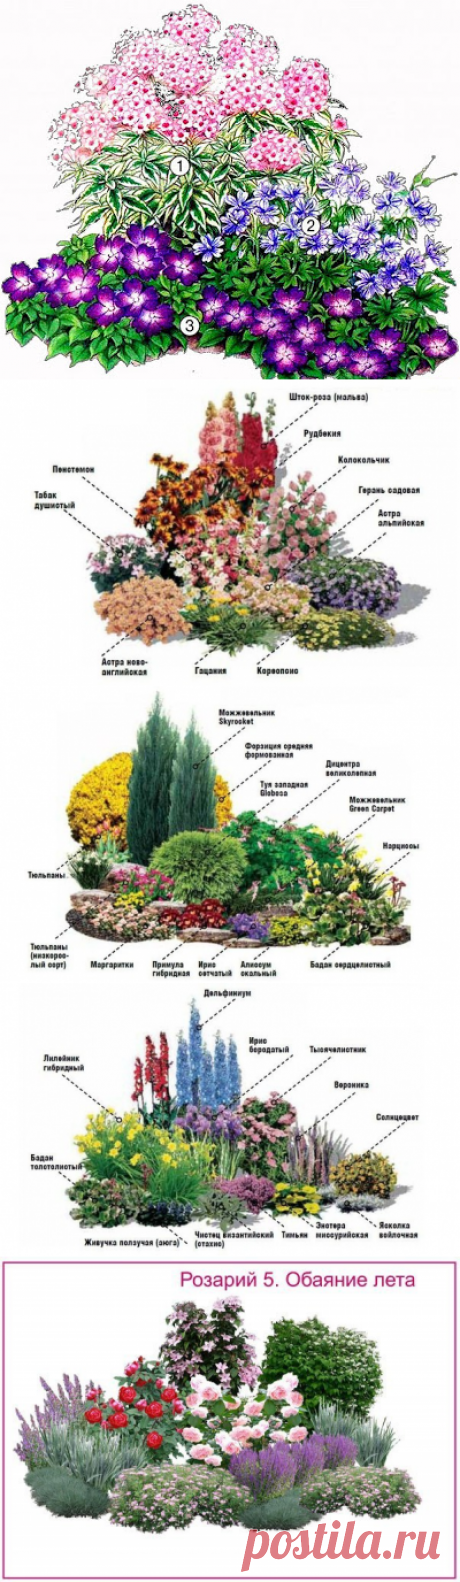 Как создать цветник непрерывного цветения...